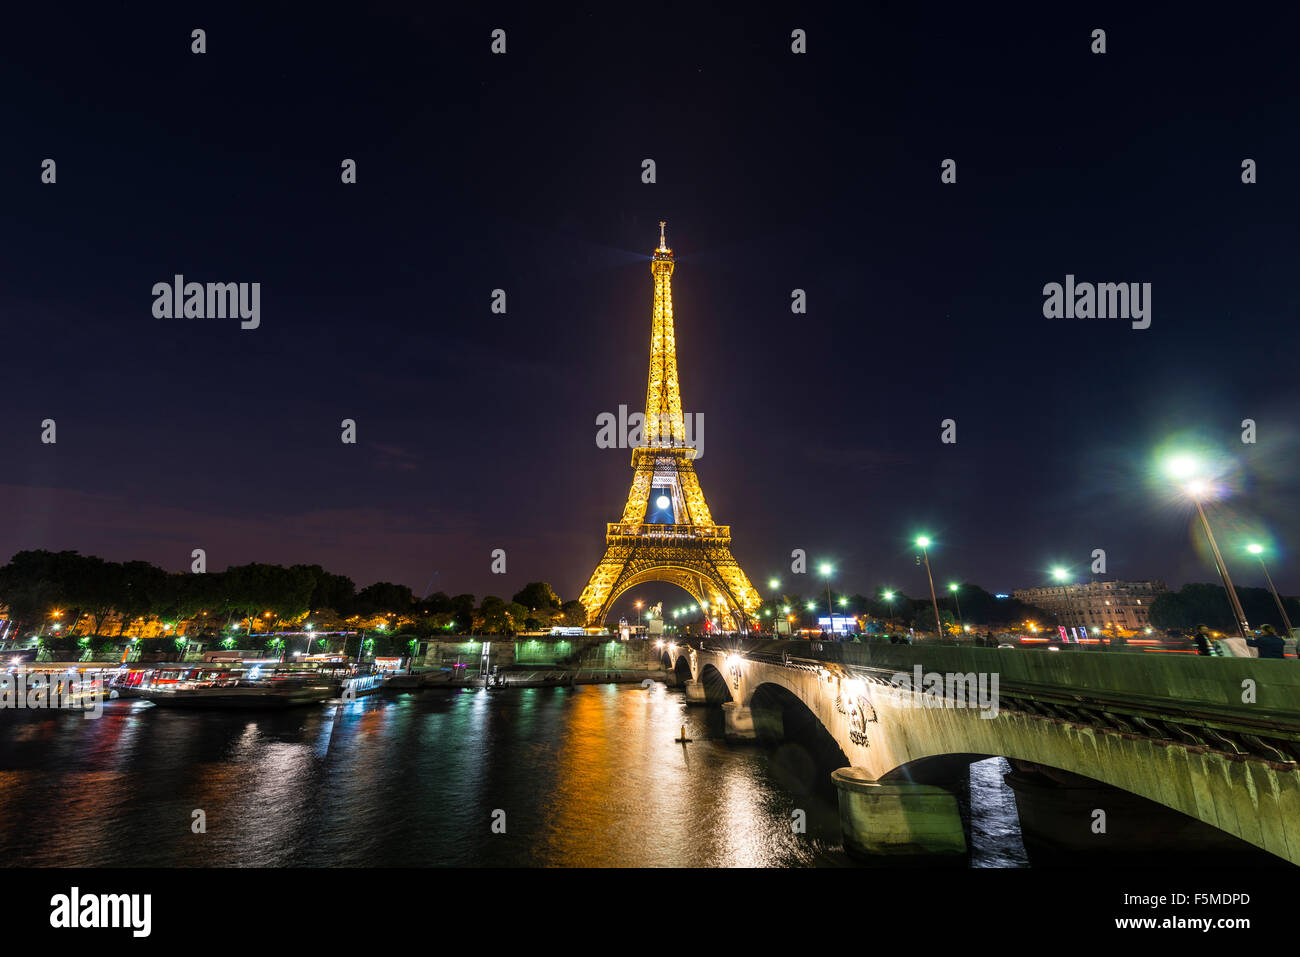 Beleuchteten Eiffelturm bei Nacht, Ufer, Tour Eiffel, Paris, Ile de France, Frankreich Stockbild